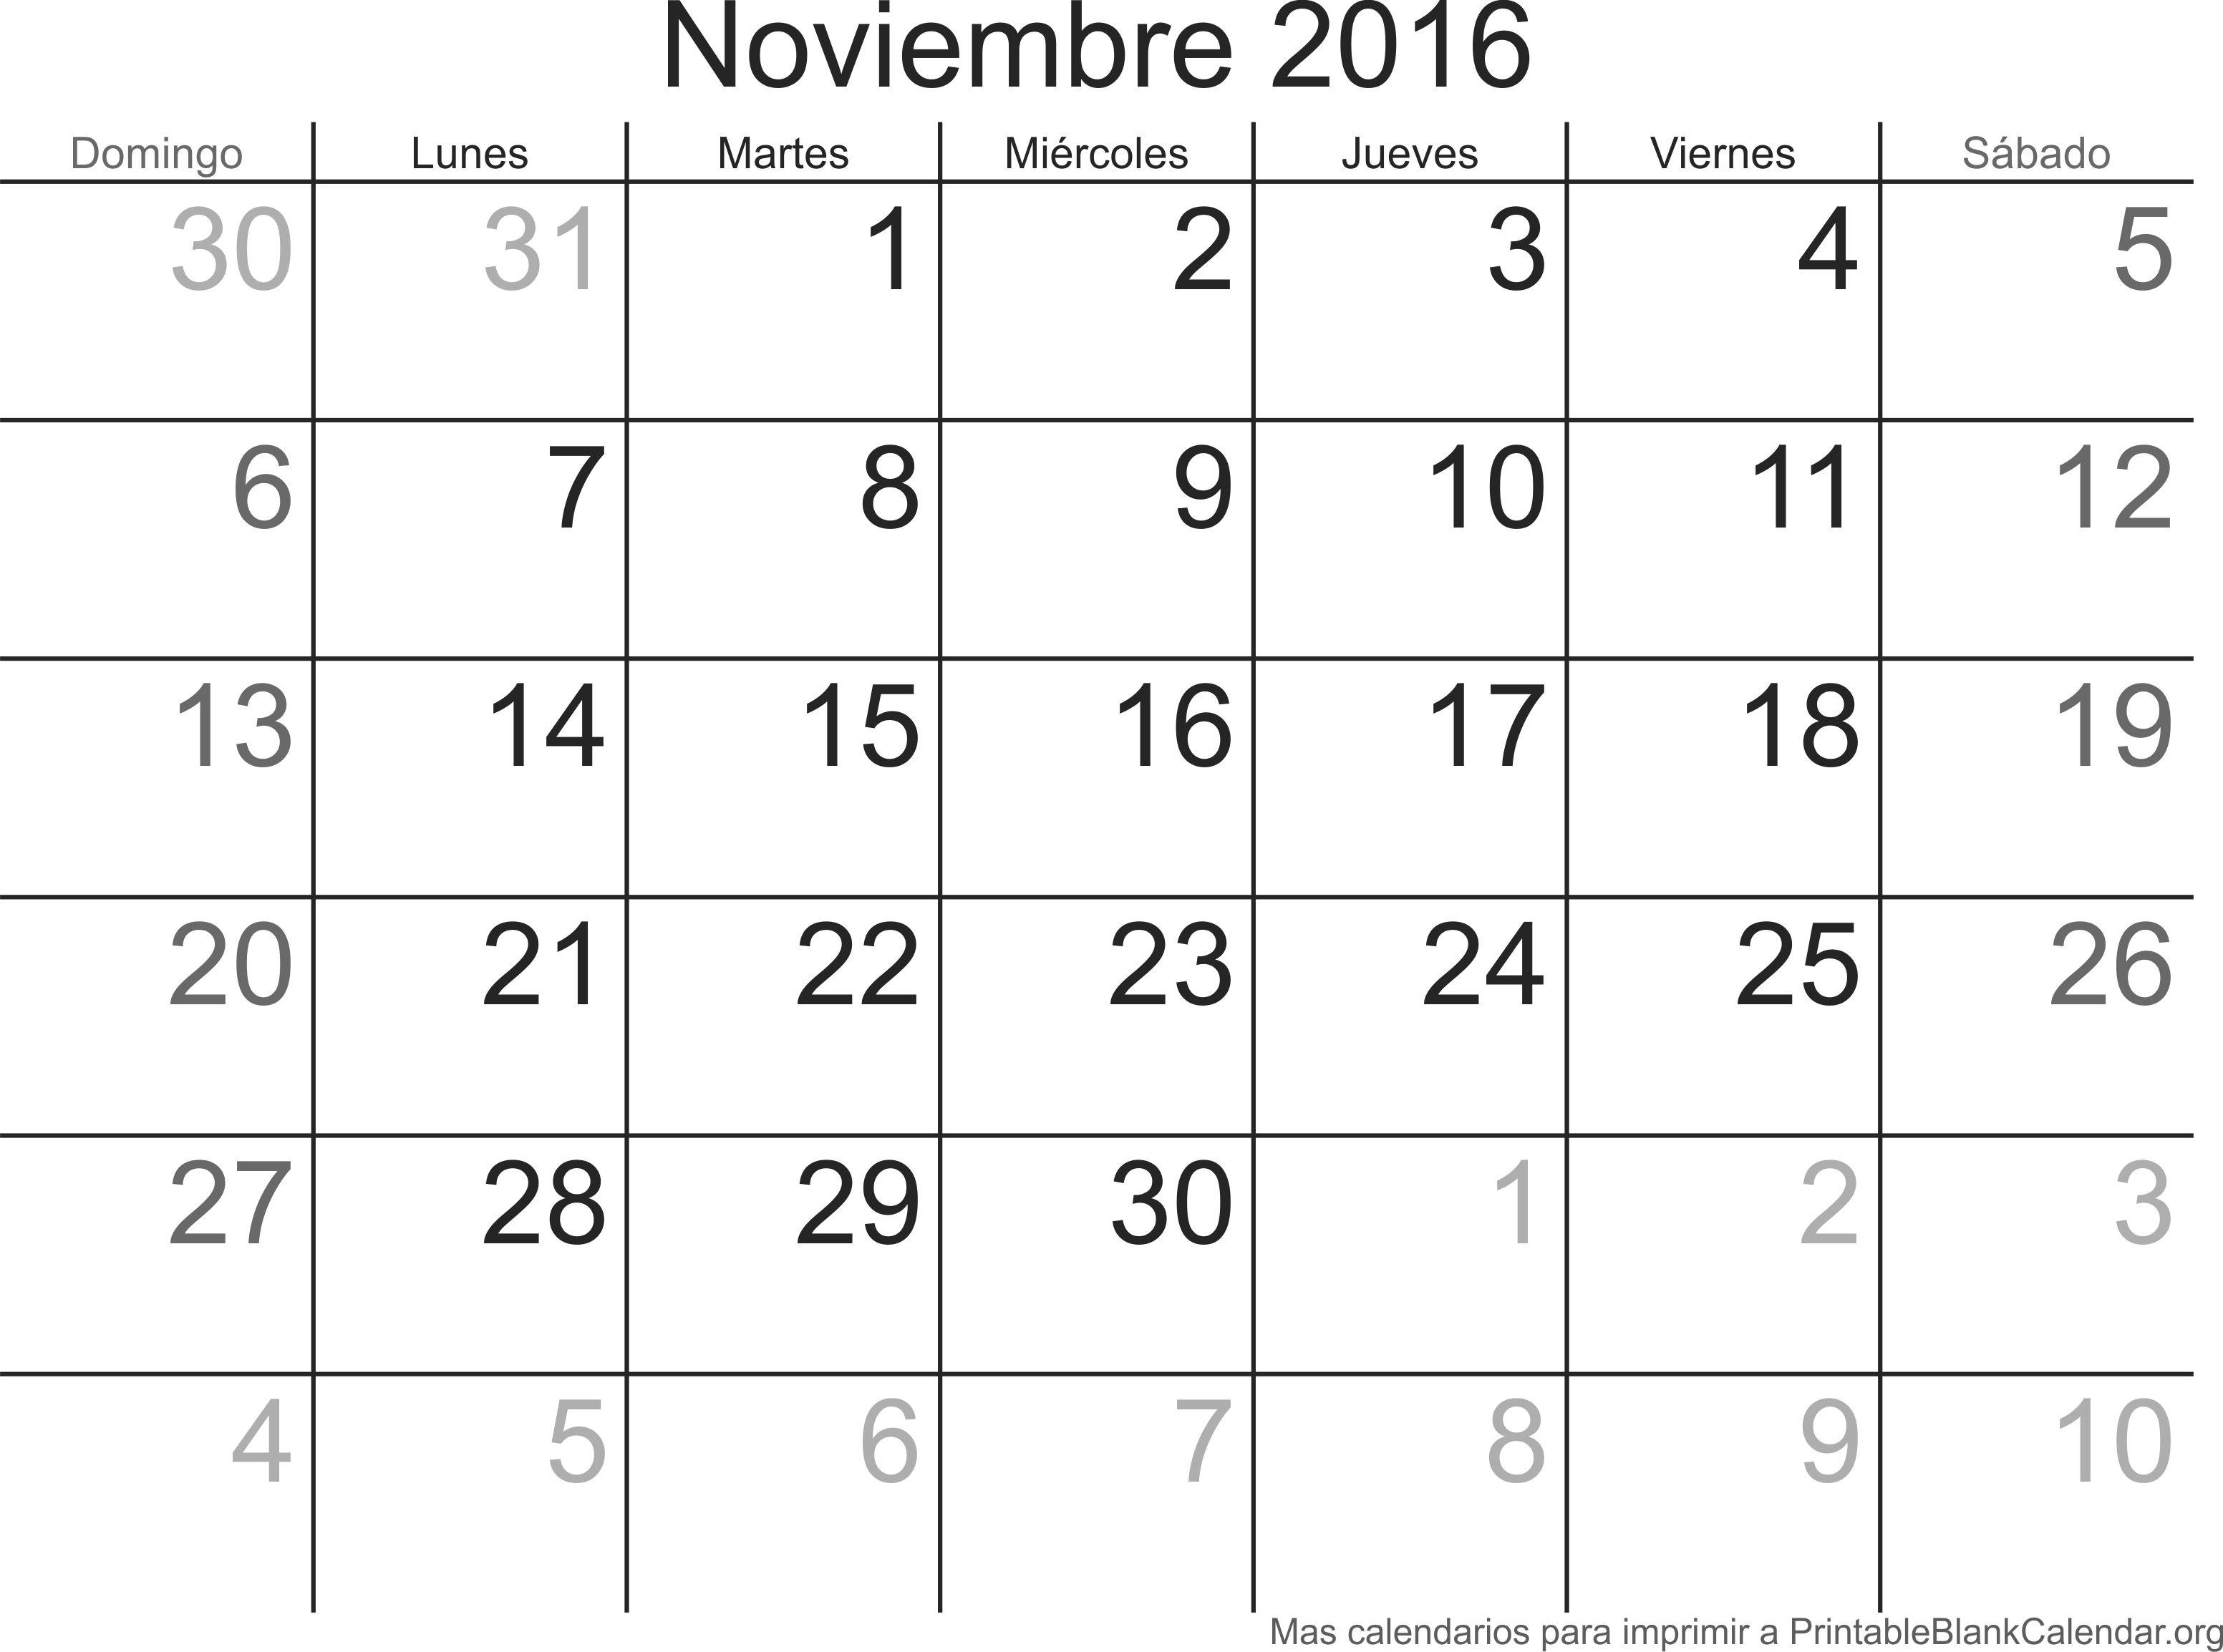 Noviembre 2016 Calendario para Imprimir - Calendarios Para Imprimir